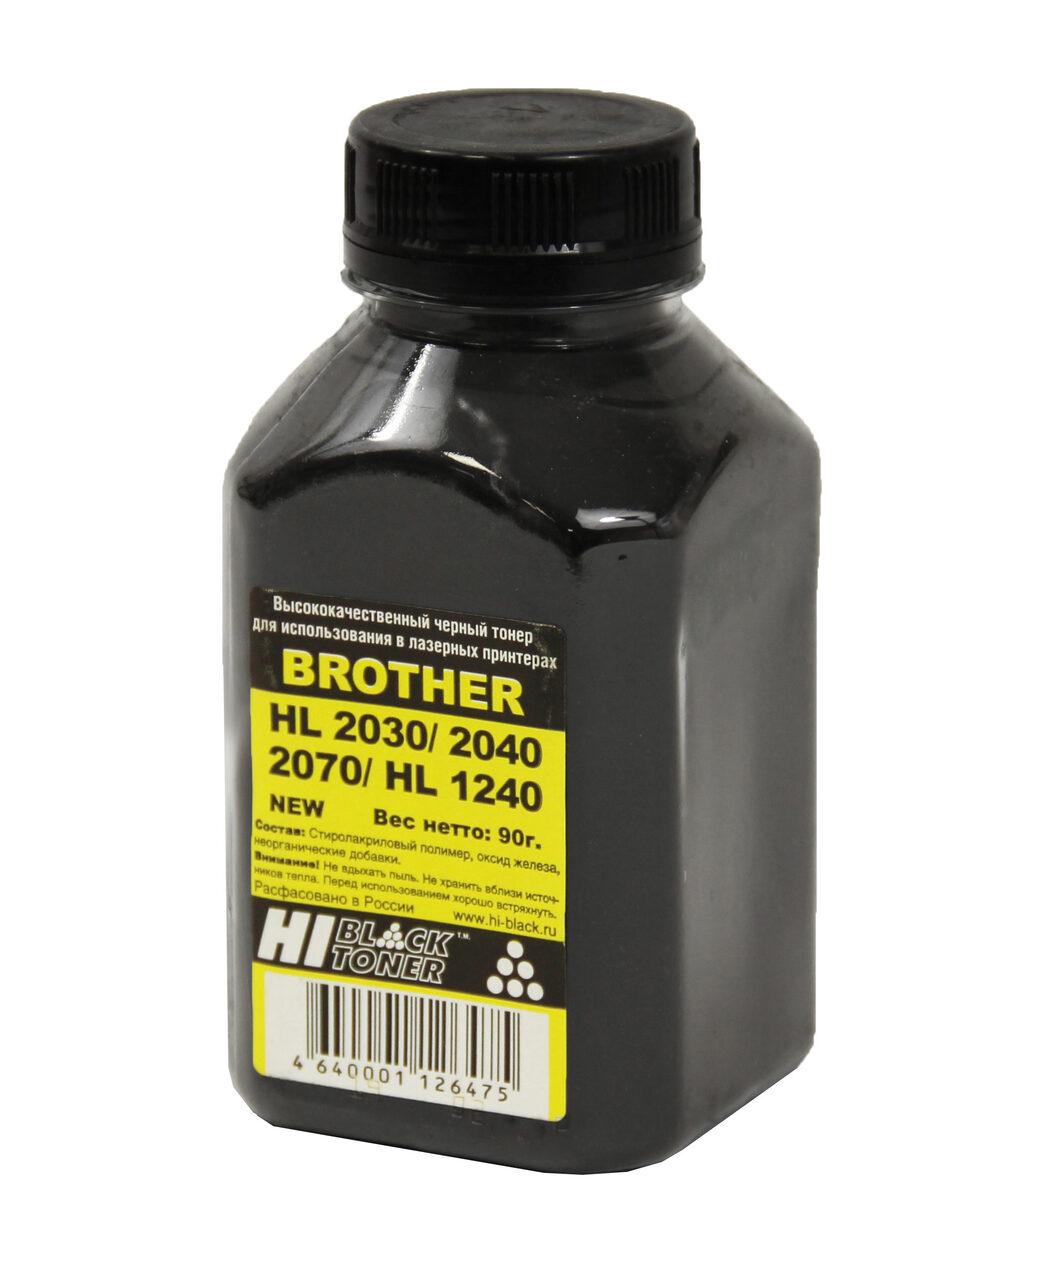 Тонер Hi-Black для Brother HL-2030/2040/2070/1240, Bk, 90 г,банка